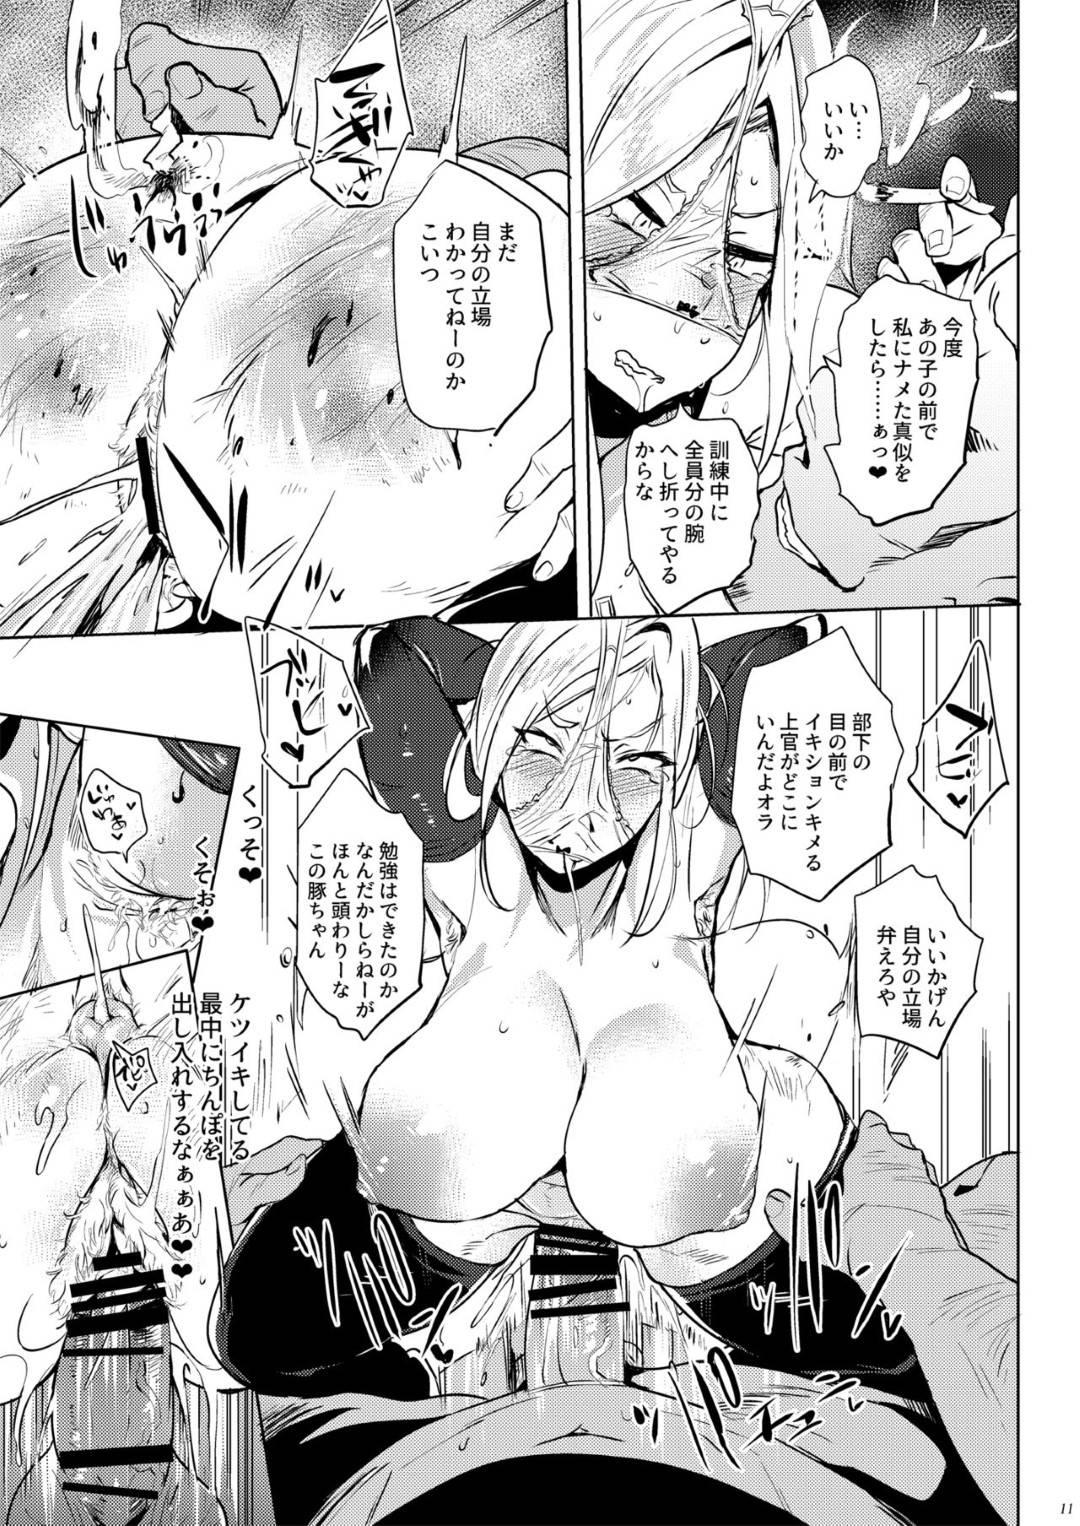 【エロ漫画】男社会の軍隊で司令官として男の部下束ねる女兵士。理性があり、忍耐力がある女として示すため、新入りの女兵士の前で男たちに犯される!複数のちんぽを次々としゃぶらされ、ぶっかけられてアナルまで犯される。